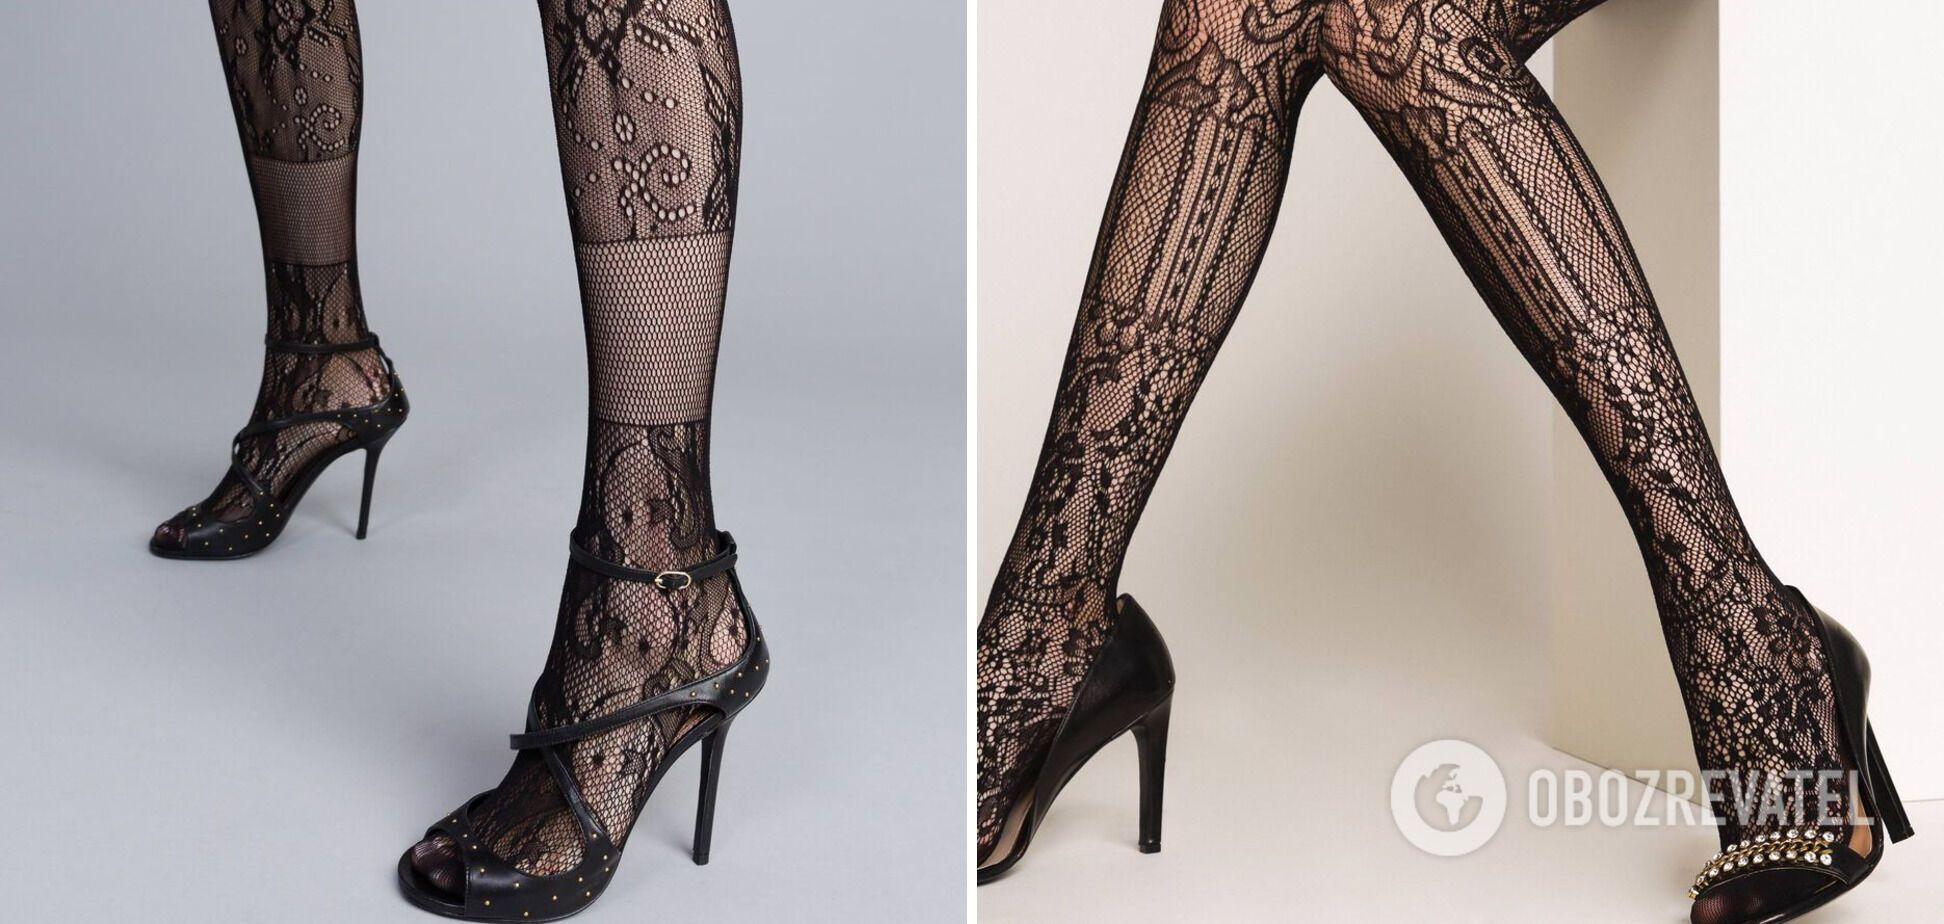 Колготы созданы для тех, кто хочет подчеркнуть свою женственность и сделать акцент на ногах